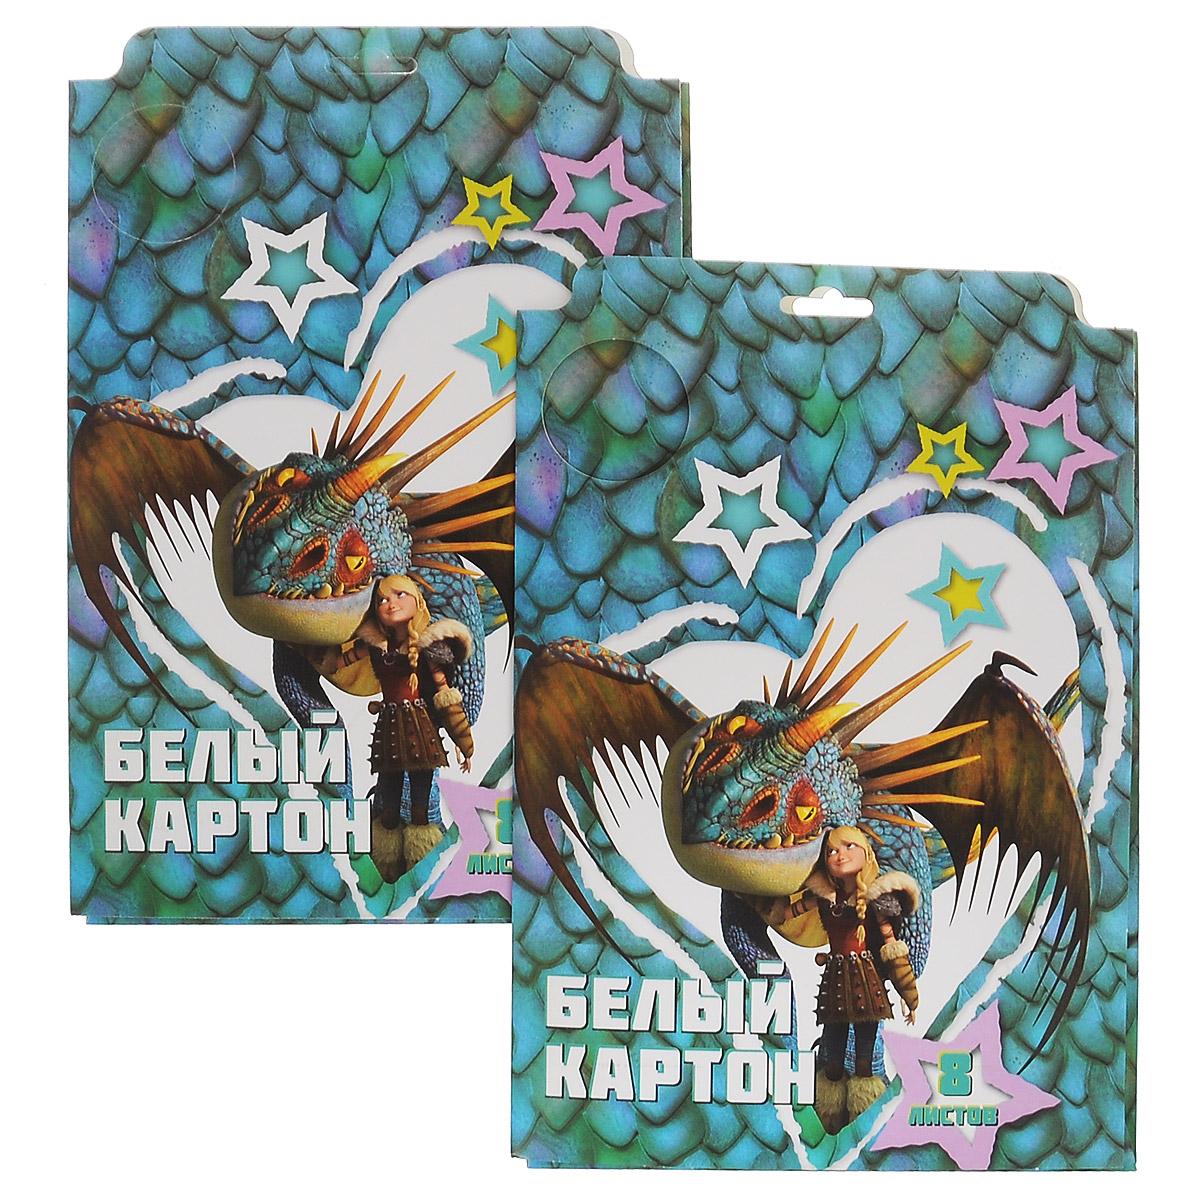 Action! Картон белый Dragons, мелованный, 8 листов, 2 штDR-AWP-8/8Картон мелованный белый Action! Dragons позволит вашему ребенку создавать всевозможные аппликации и поделки. Набор состоит из 8 листов картона белого цвета формата А4. Листы упакованы в оригинальную картонную папку, оформленную изображением героев Dragons. Создание поделок из картона поможет ребенку в развитии творческих способностей, кроме того, это увлекательный досуг. В комплекте 2 набора по 8 листов. Рекомендуемый возраст от 6 лет.